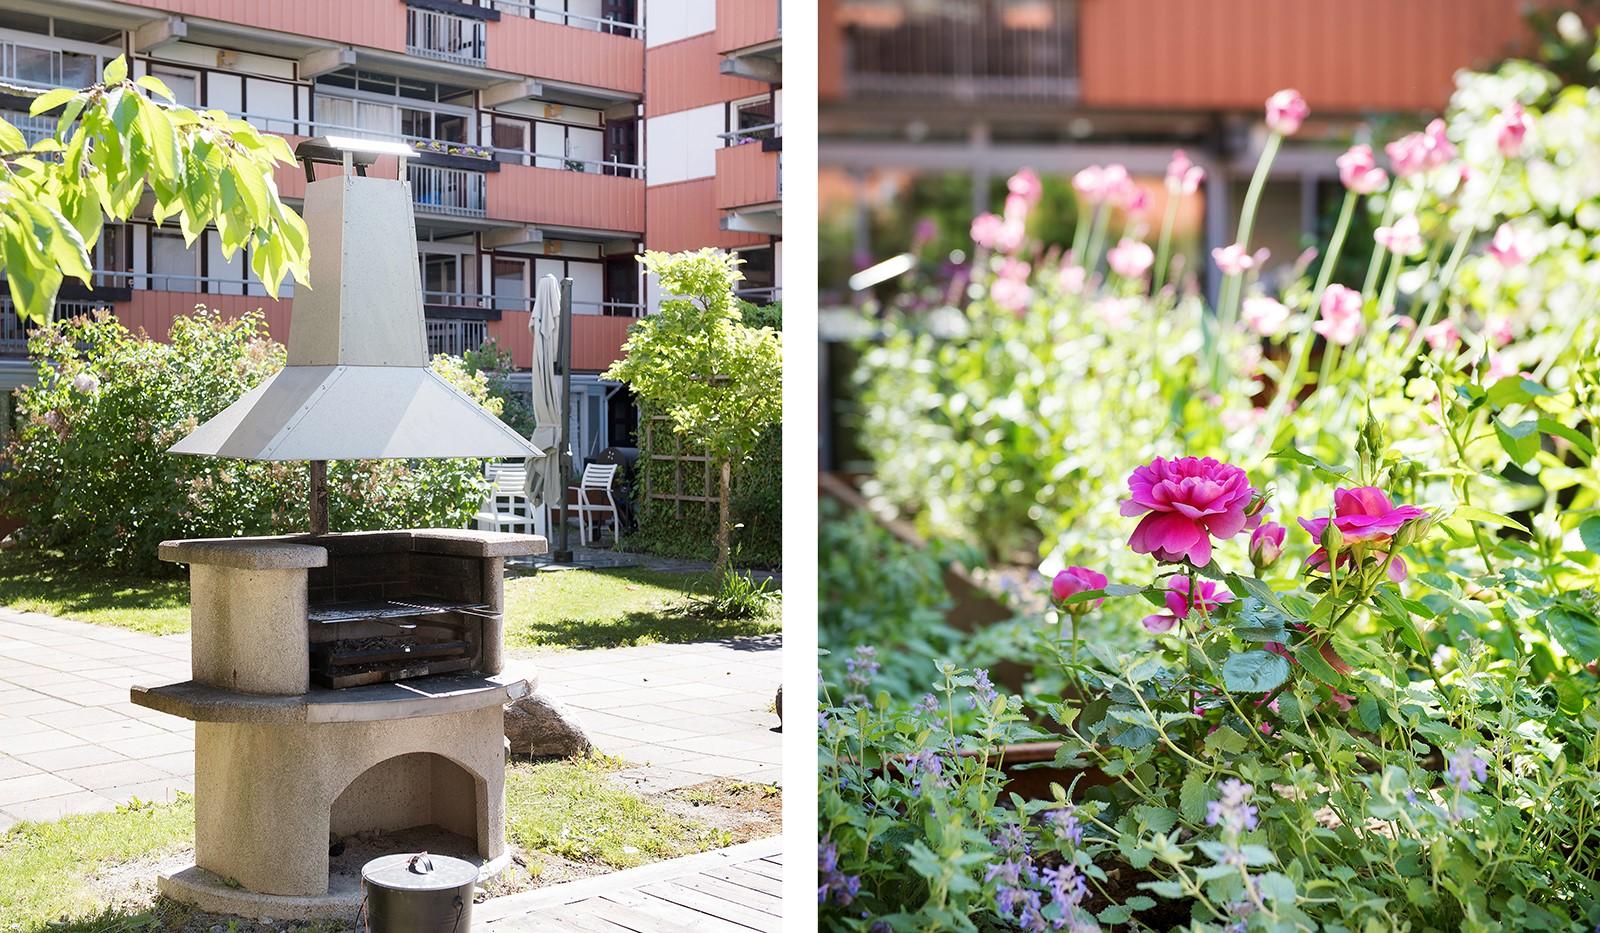 Folkungagatan 58 - Innergården bjuder både på grönska och blommor om sommaren